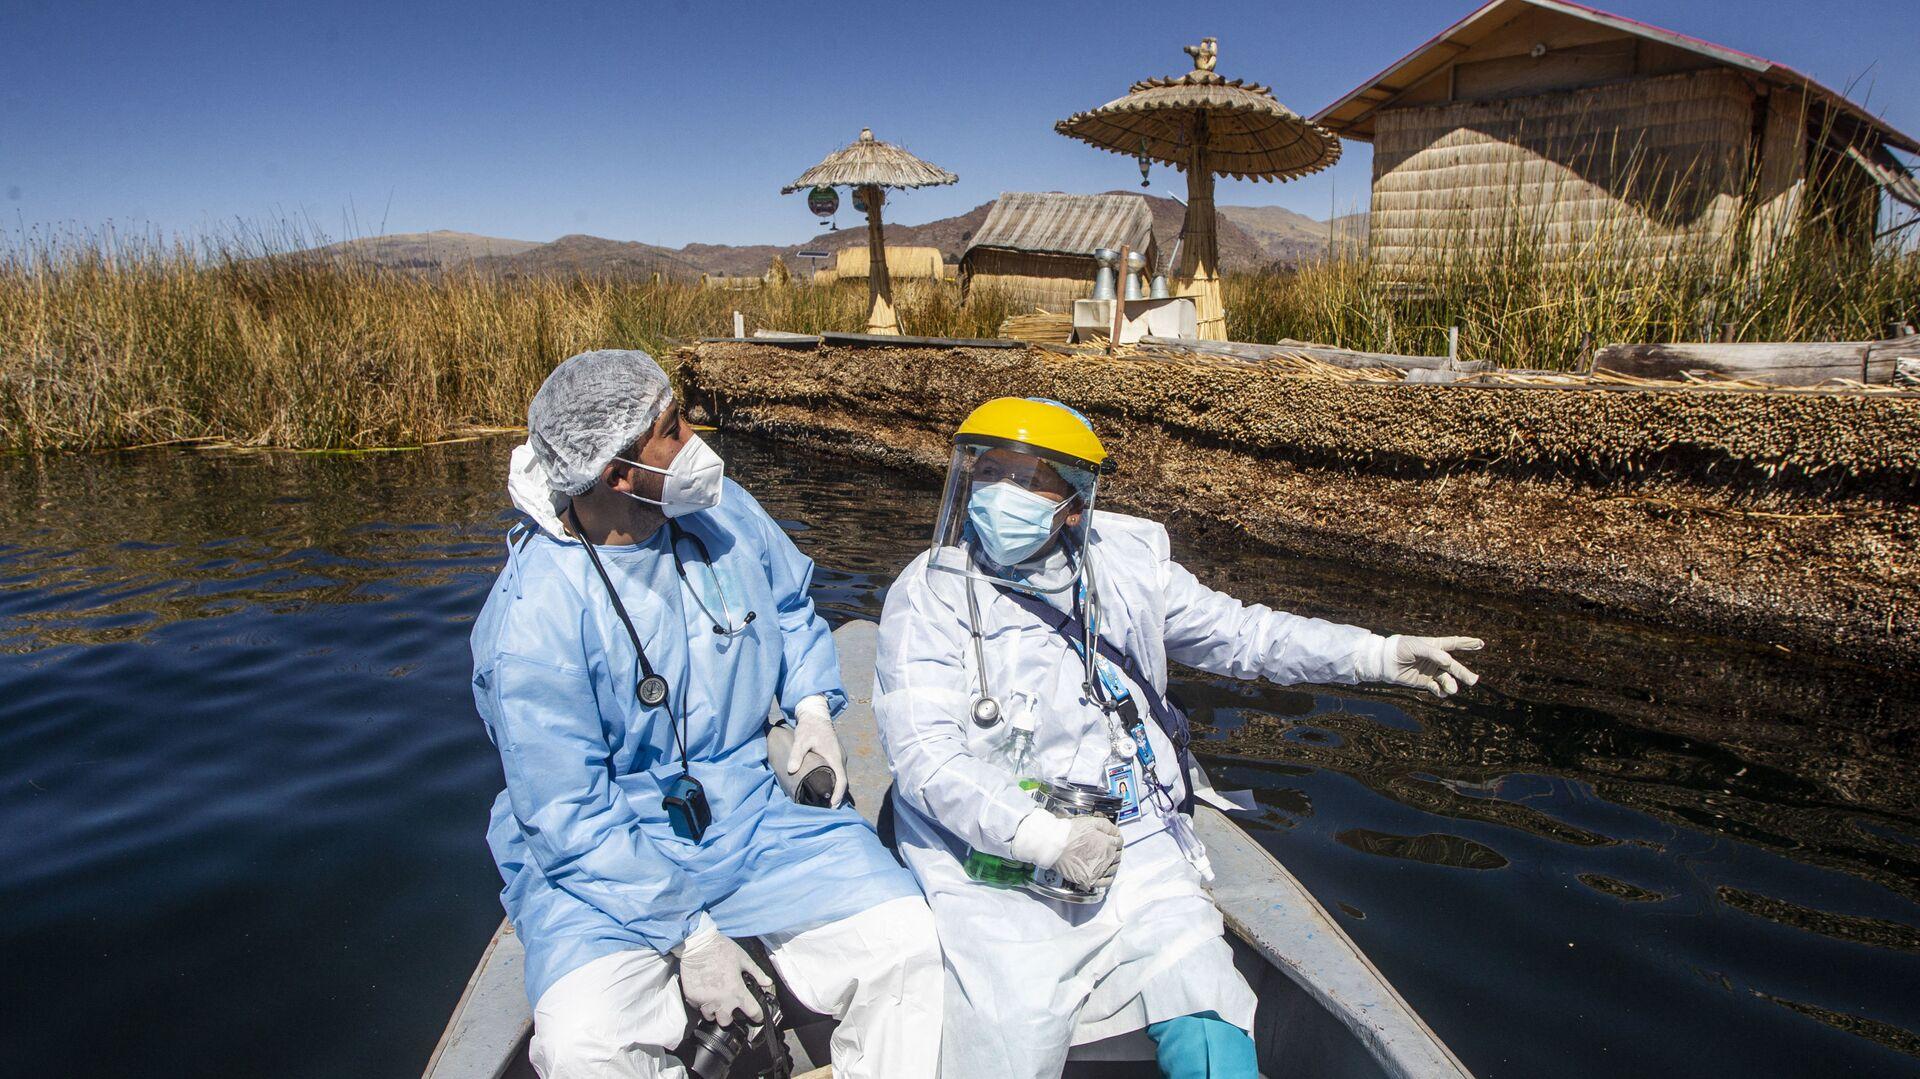 Медицинские работники прибывают на острова Урос для вакцинации граждан против коронавируса в Пуно, Перу - Sputnik Italia, 1920, 18.07.2021